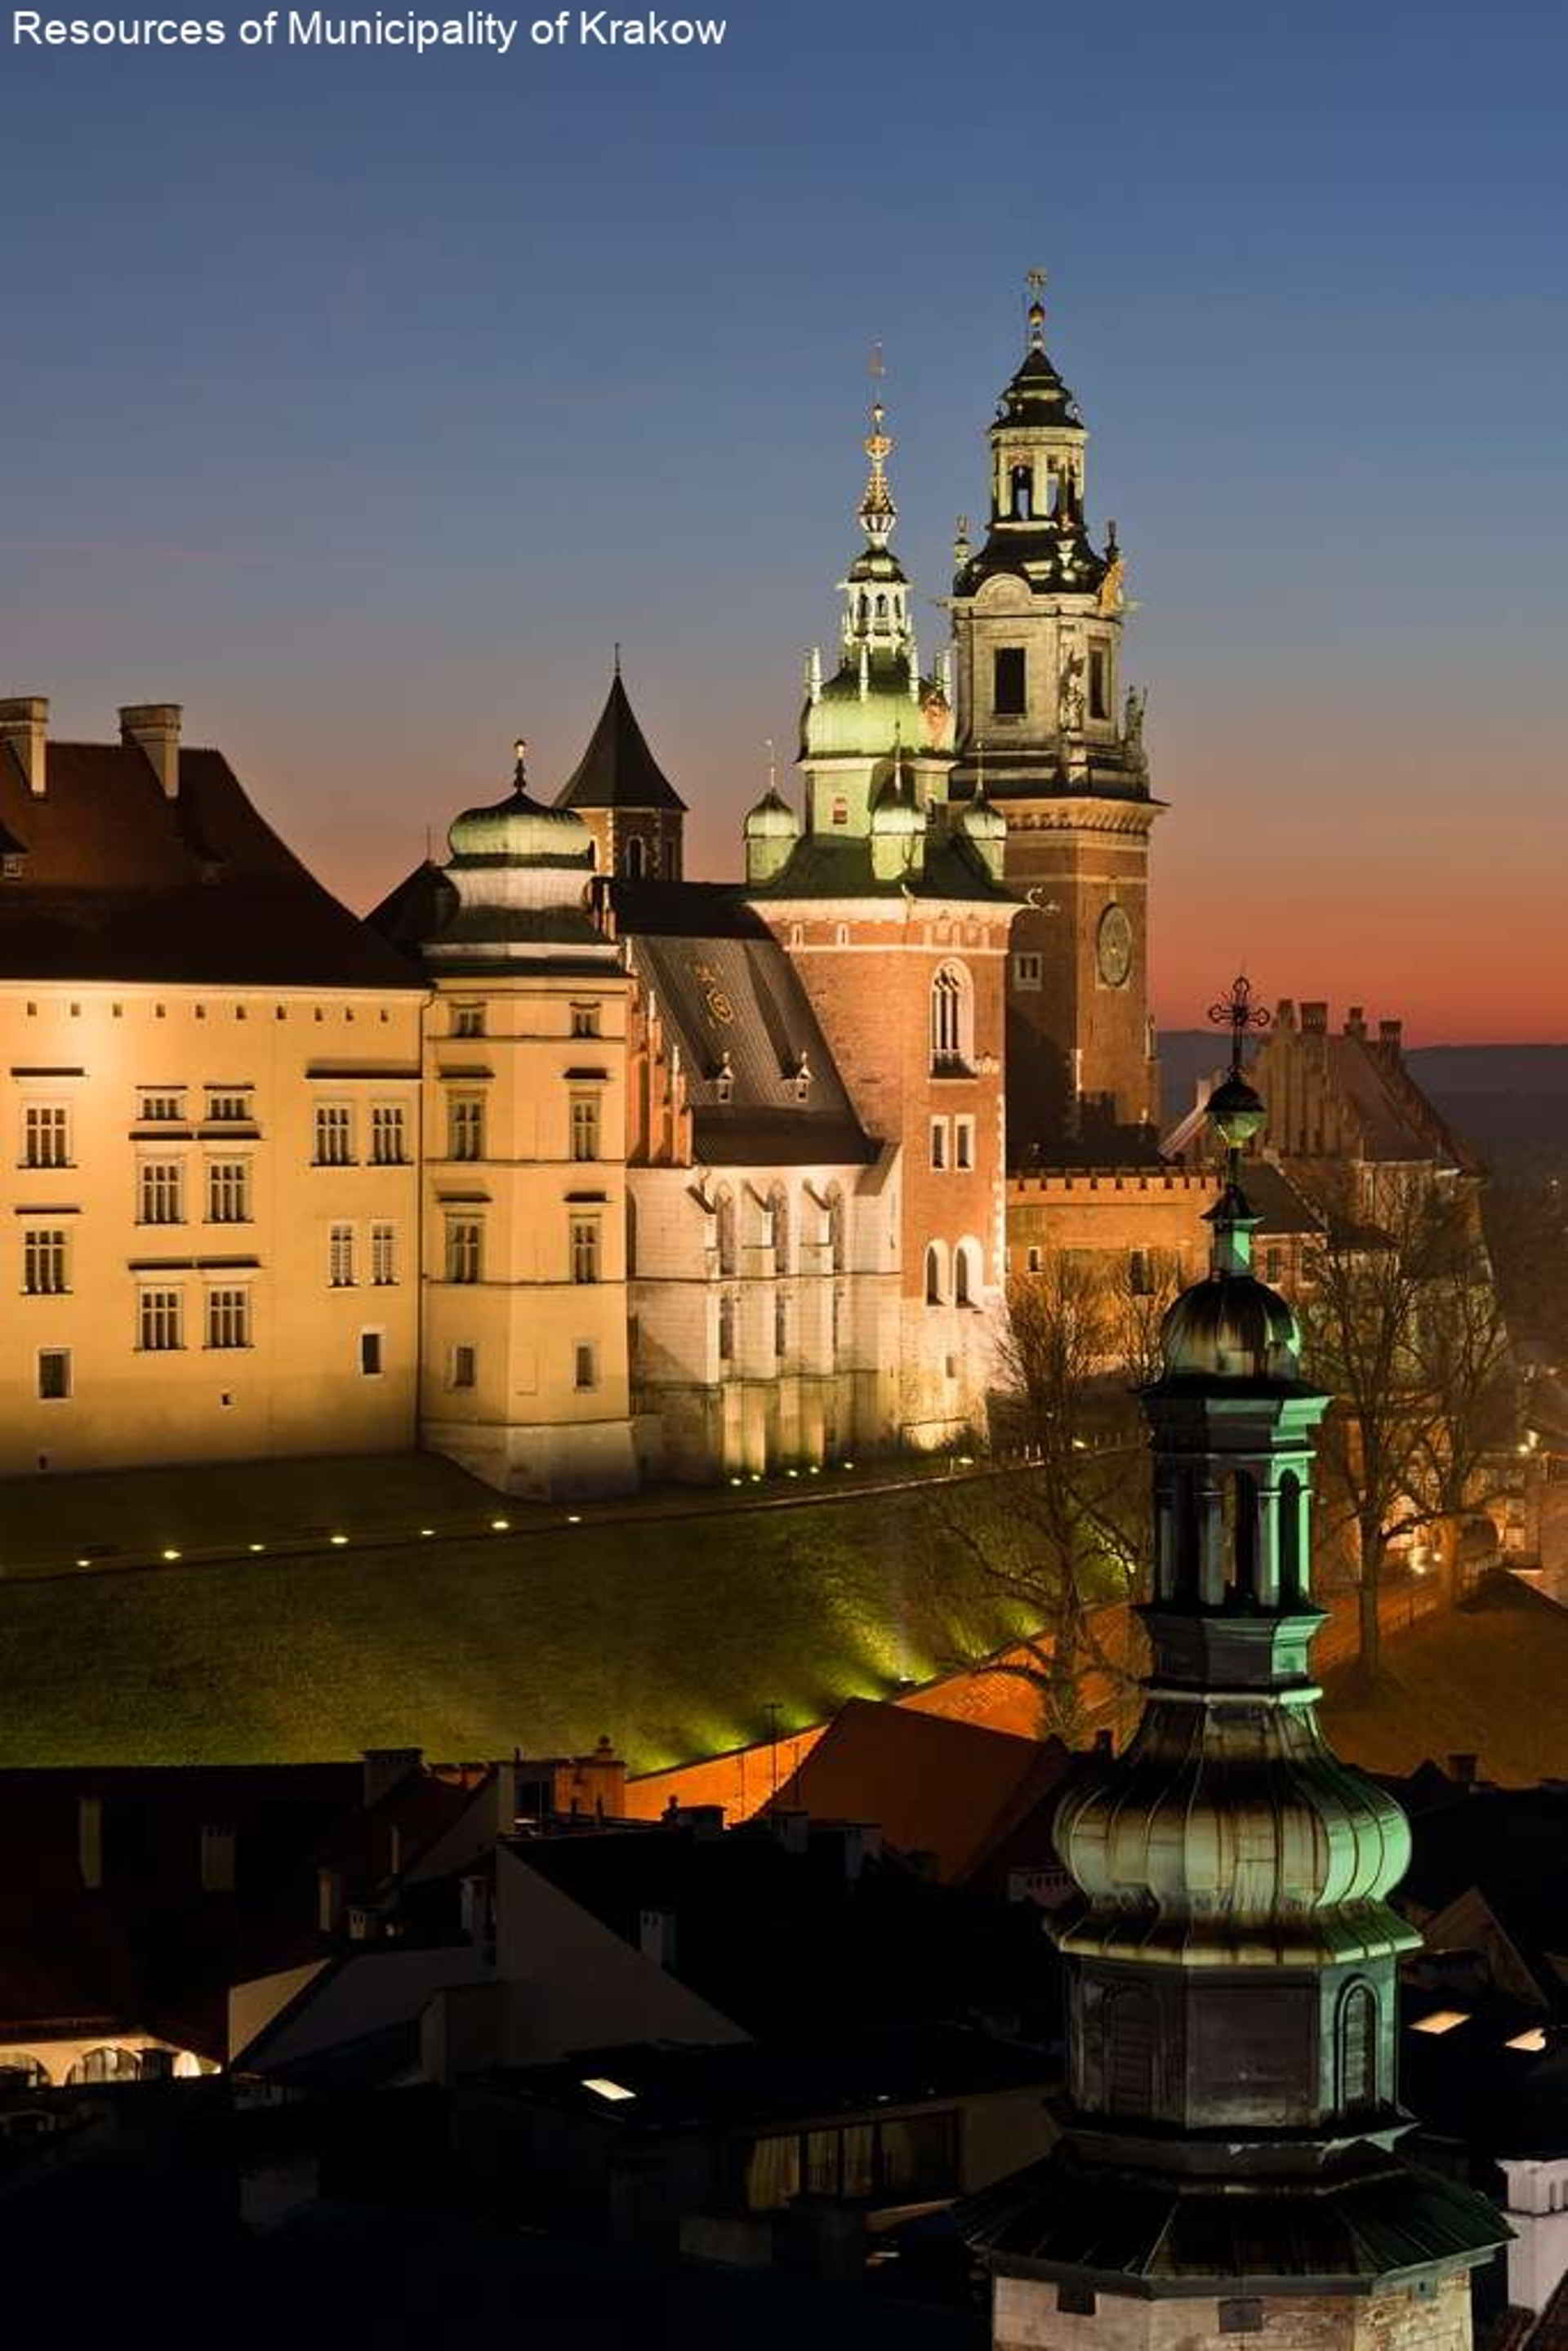 09 Noc, Wawel